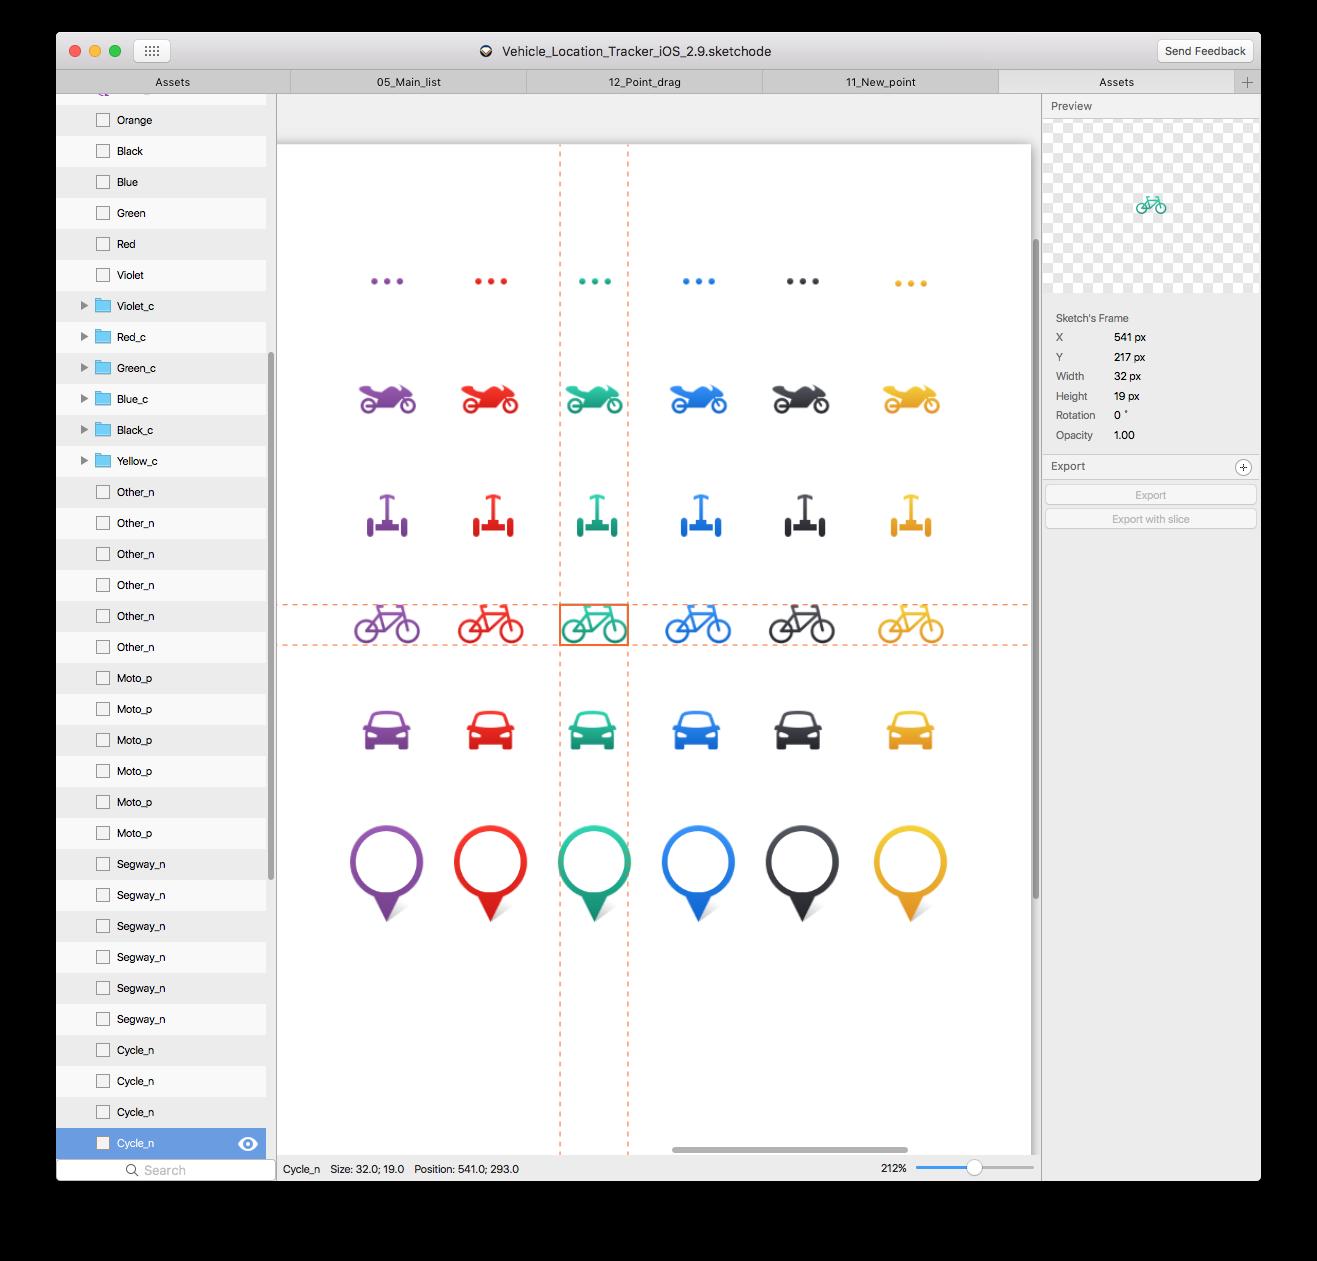 Реализация интерфейса с выдвижной панелью в iOS приложении - 6